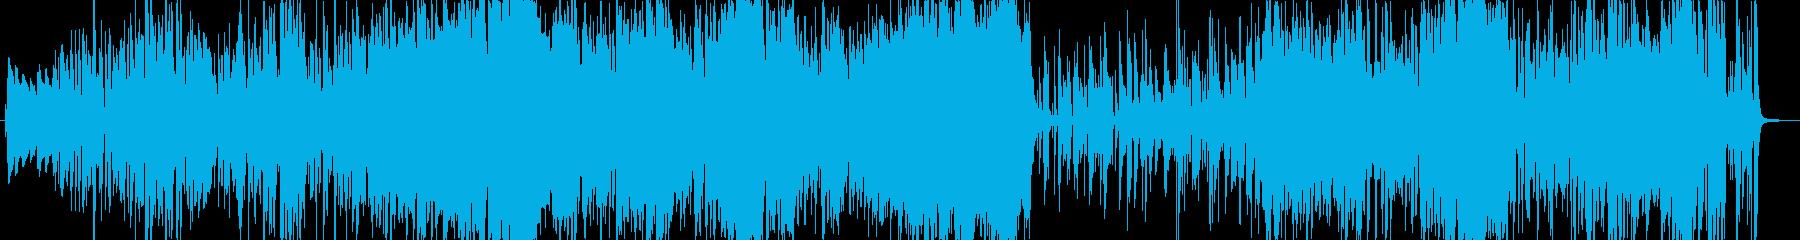 サックスとトランペットの軽快なジャズの再生済みの波形